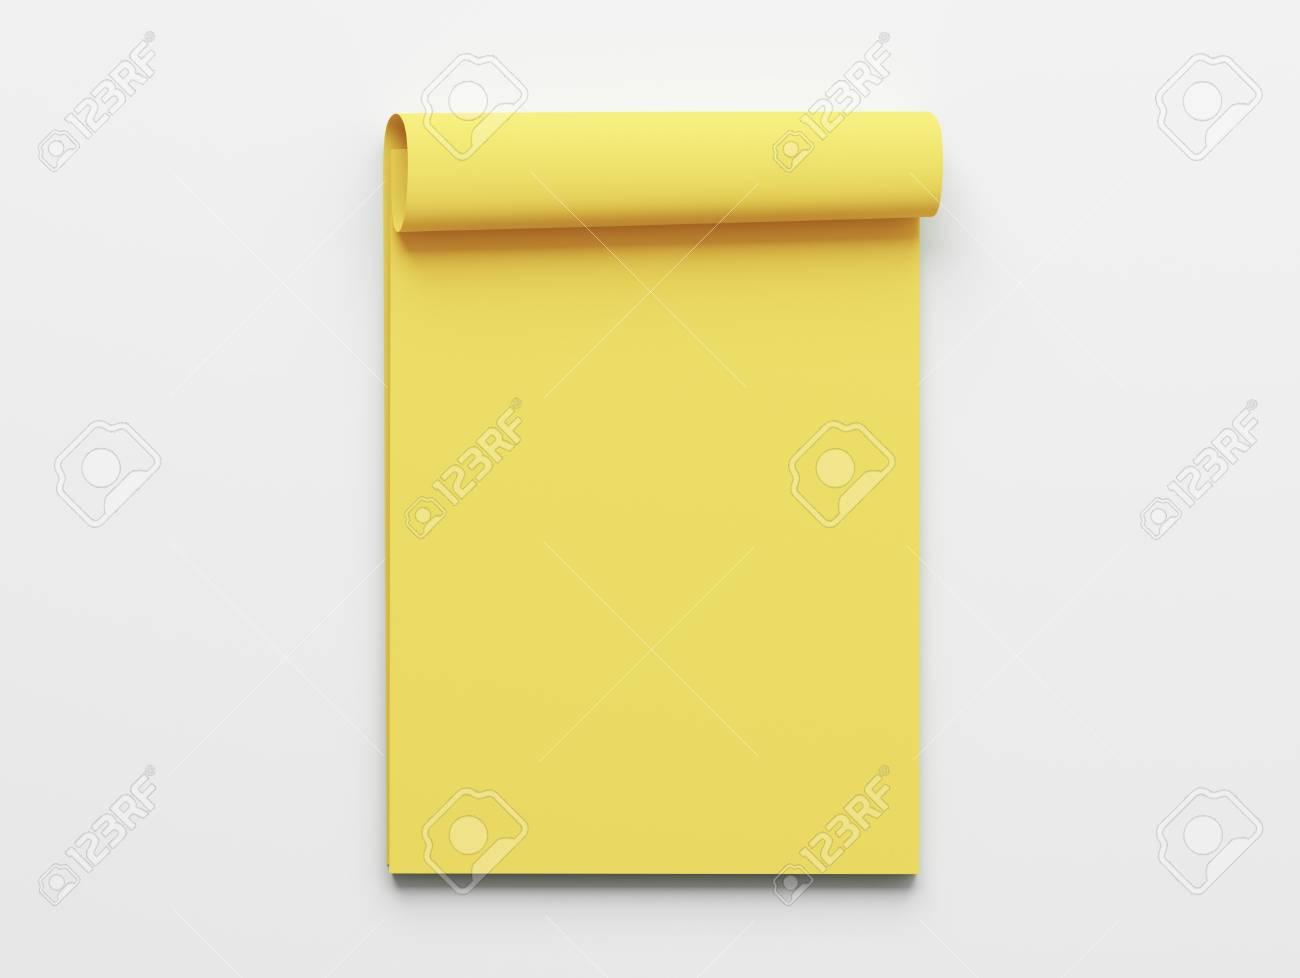 Livre Jaune Blanc Bloc Notes Isole Sur Fond Blanc